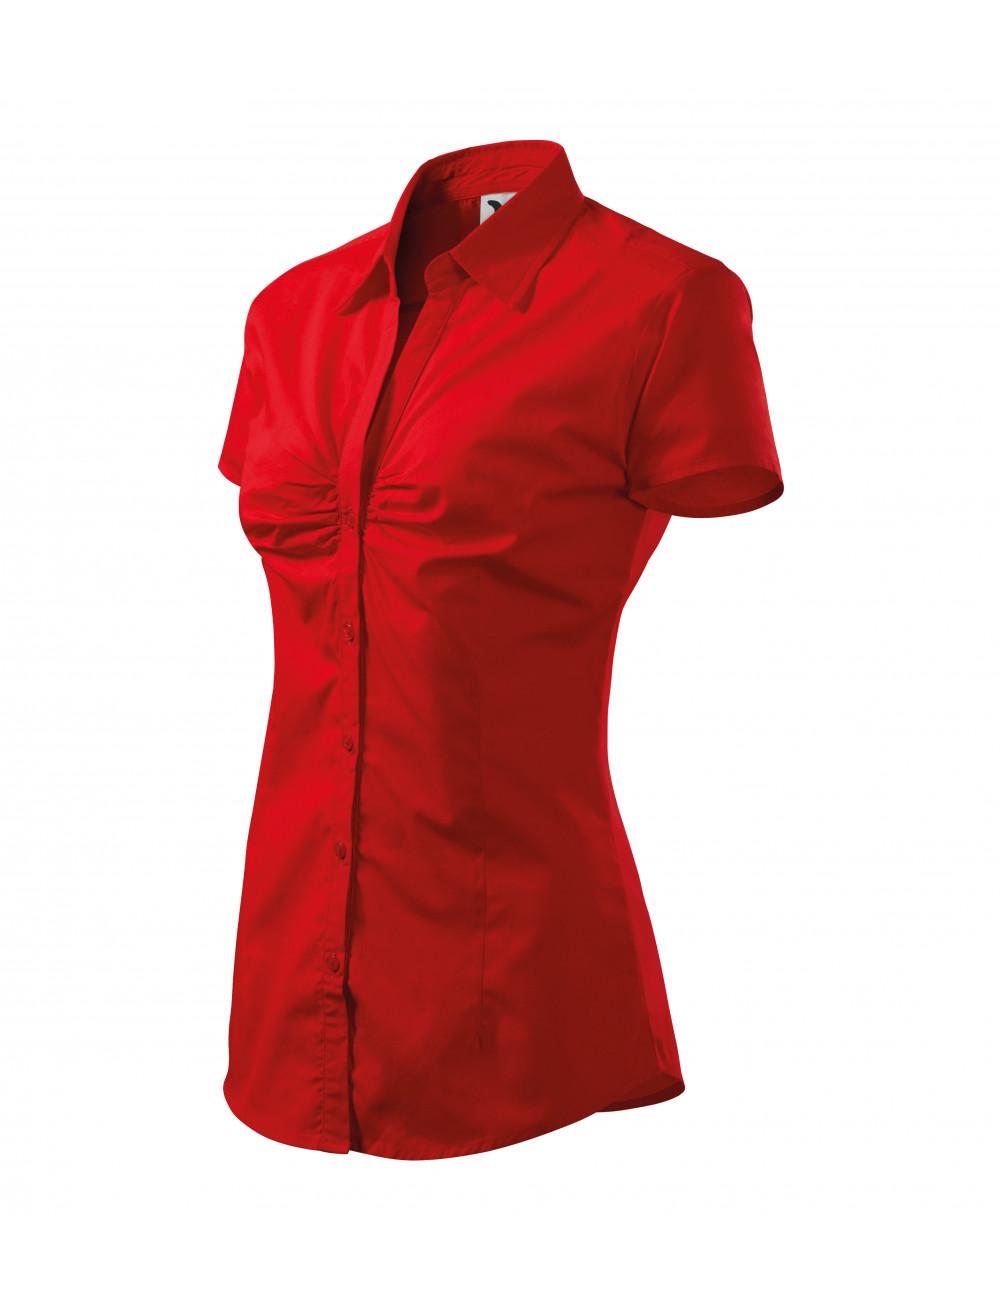 Adler MALFINI Koszula damska Chic 214 czerwony